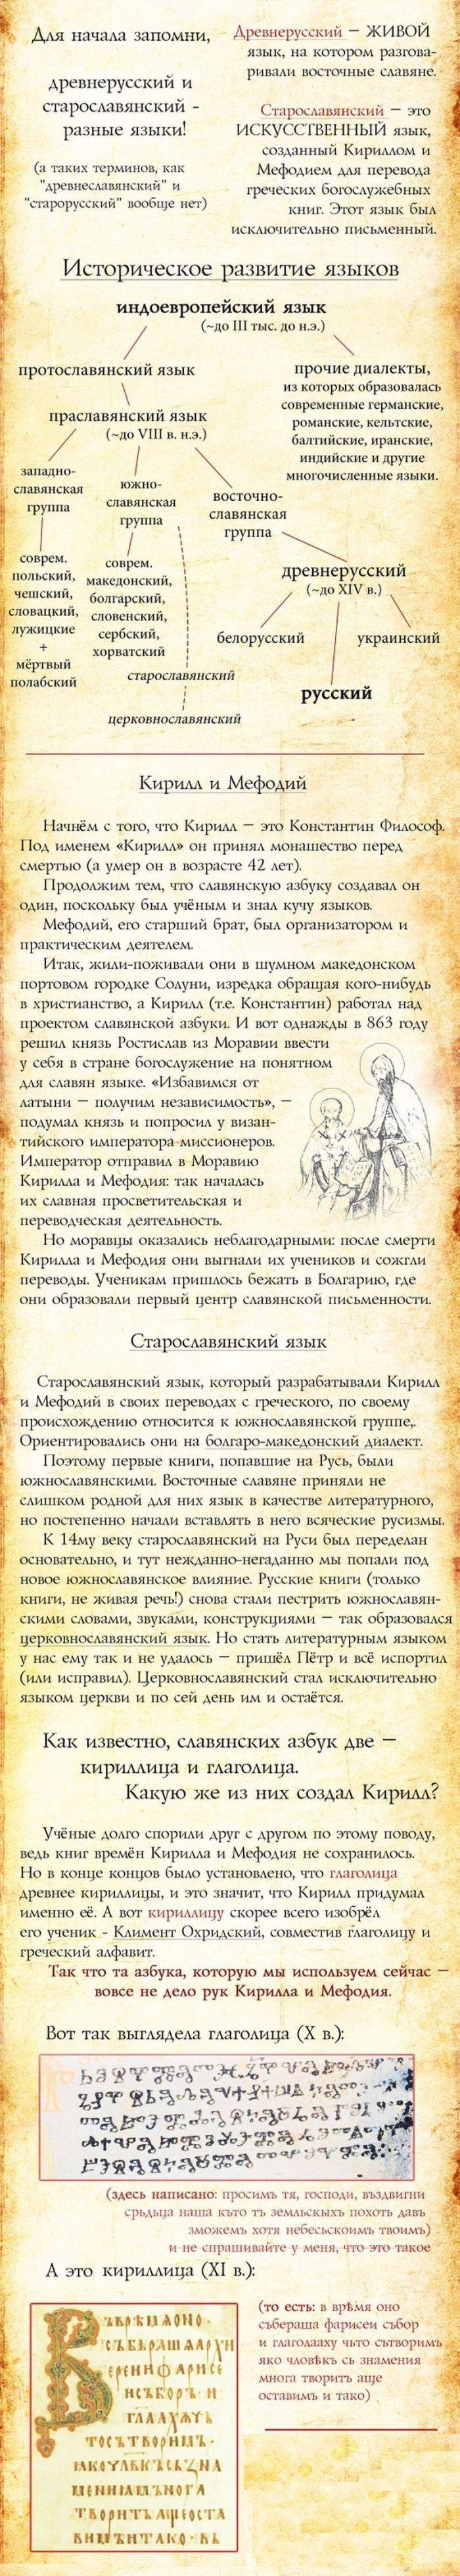 История могучего русского языка (4 фото)